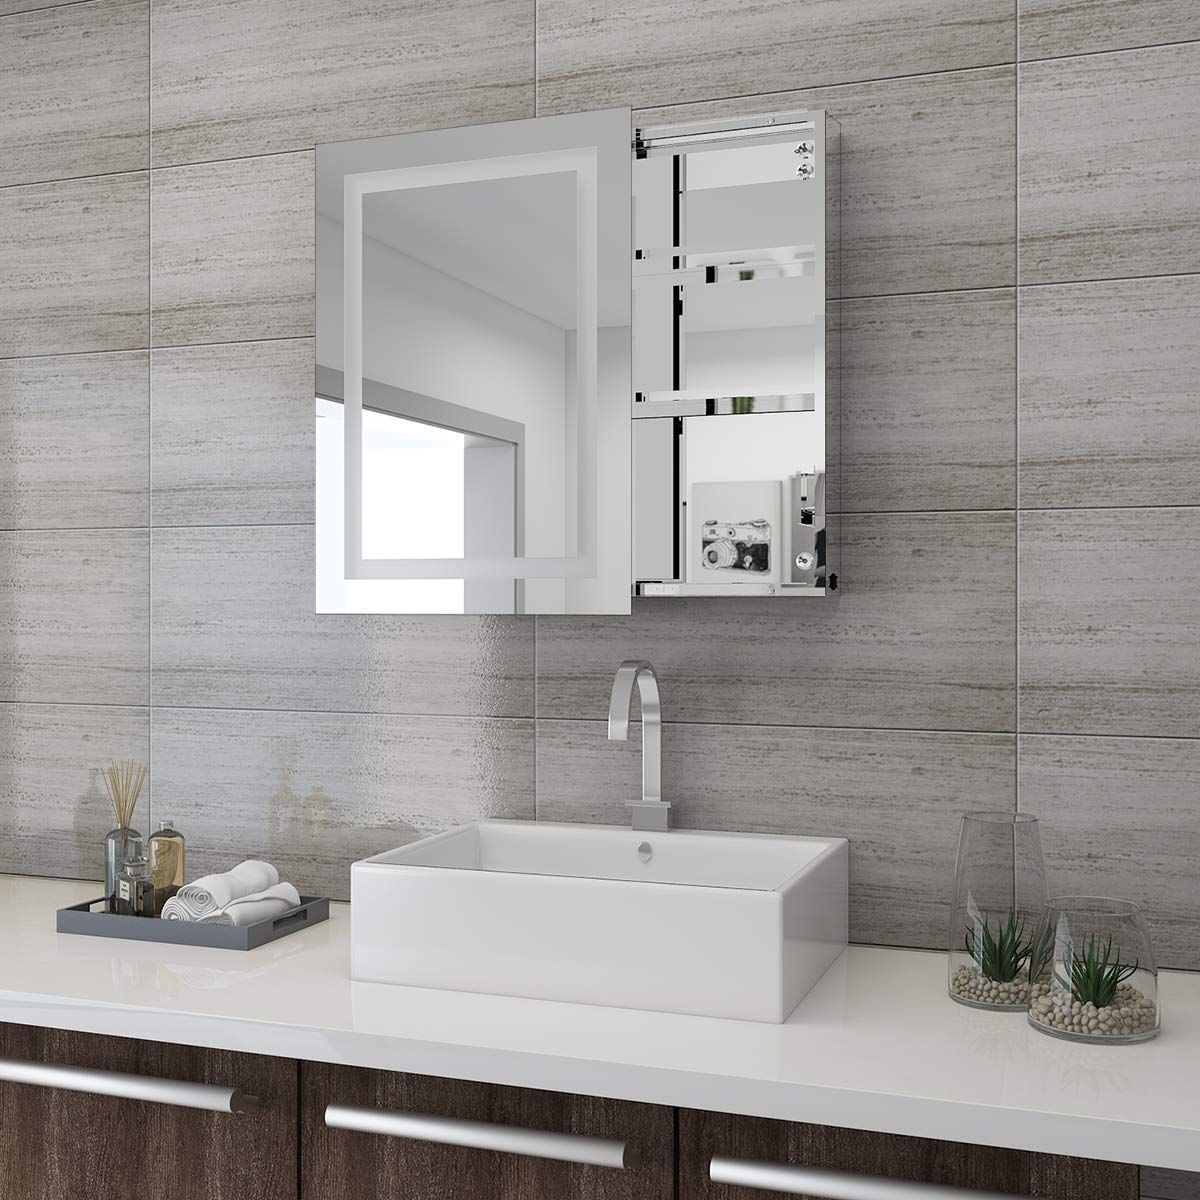 Tolle Badezimmerspiegel Kleben Inspirations und